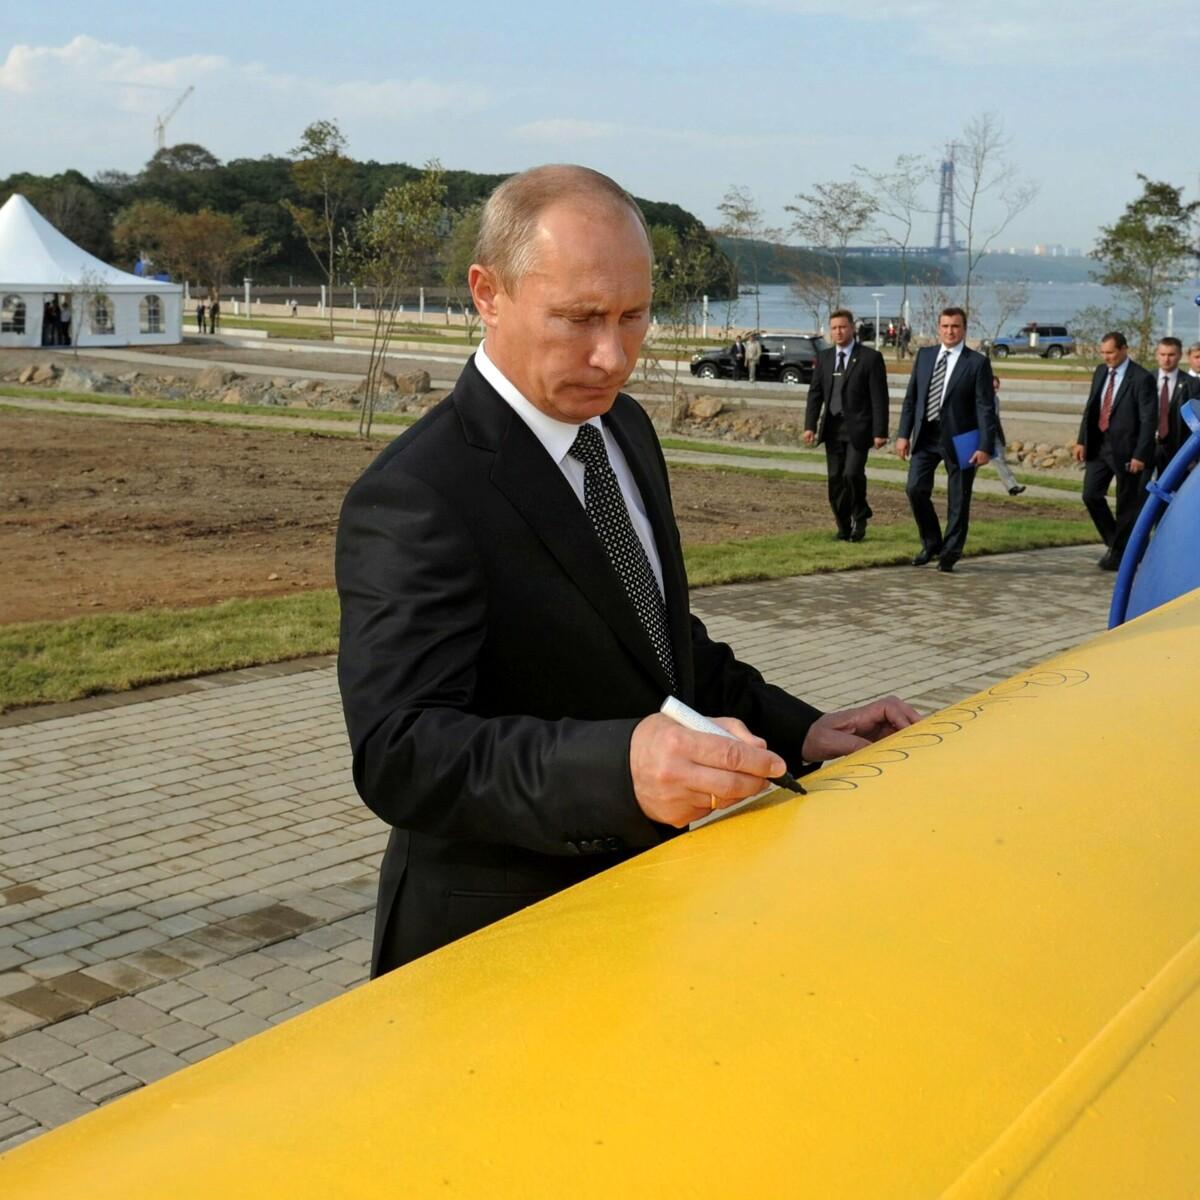 """Il Green deal costerà alla Russia """"oltre un miliardo di euro l'anno"""": allarme a Mosca per la nuova tassa Ue"""